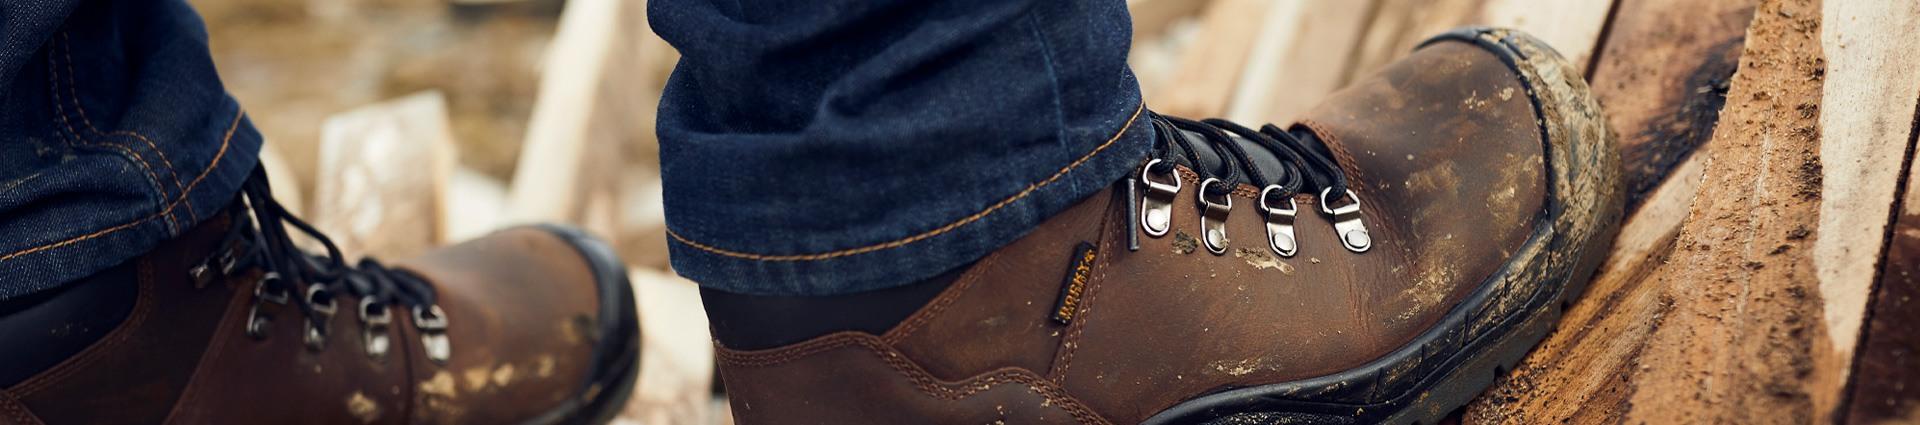 rocky worksmart work boots